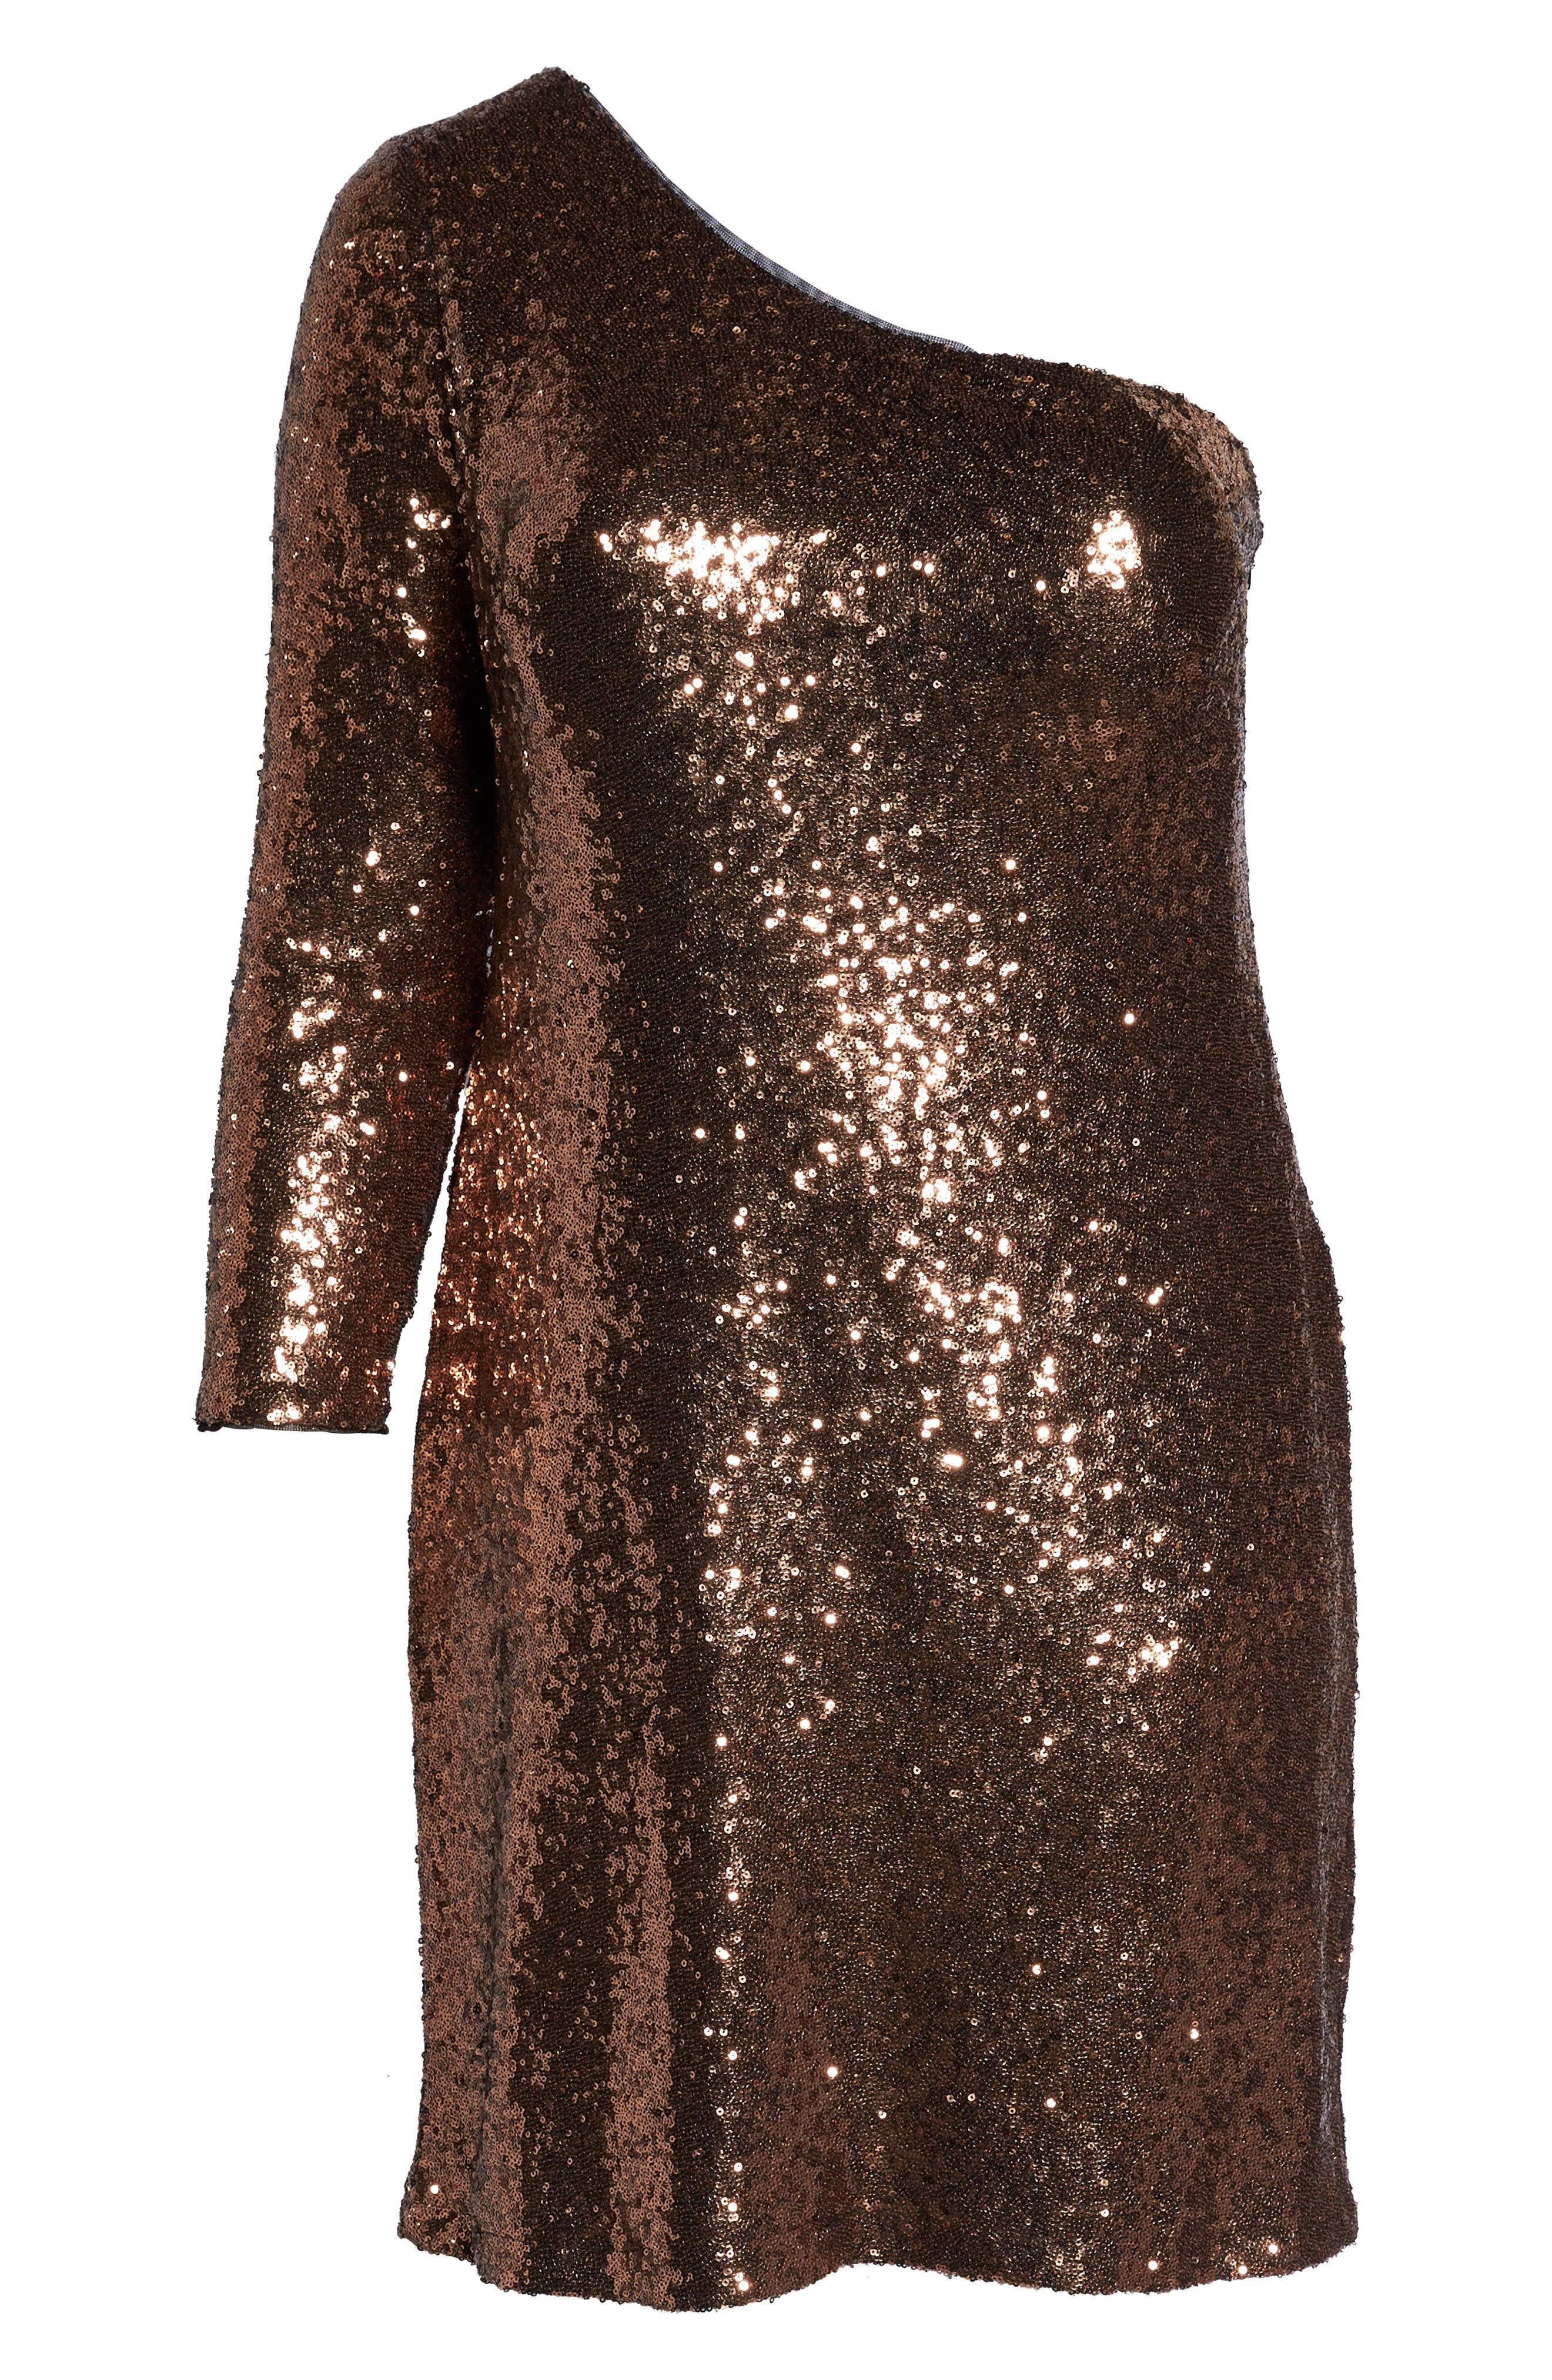 One Shoulder Sequin Party Dress,                             Alternate thumbnail 8, color,                             COPPER